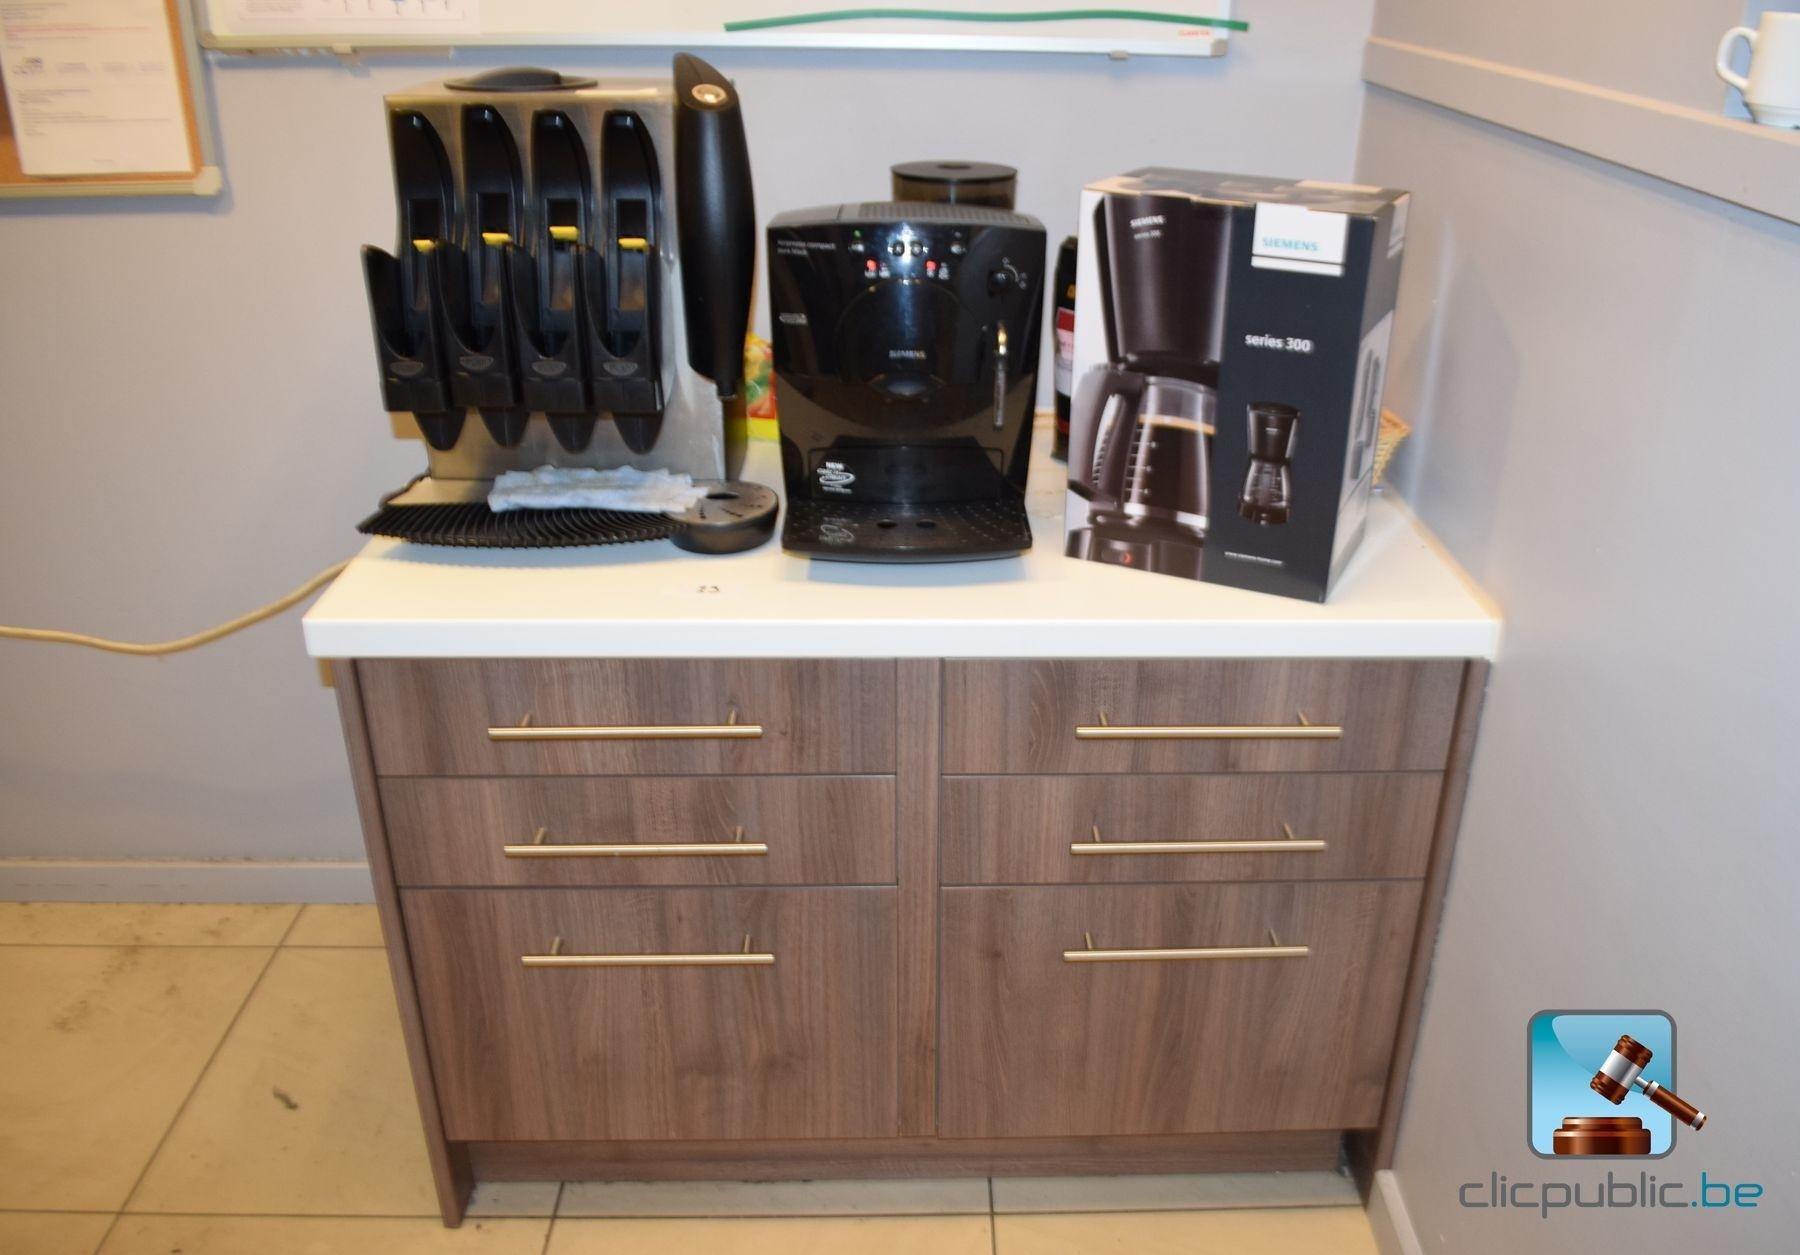 Electrom nager ensemble de cuisine ref 29 vendre sur - Ensemble electromenager cuisine ...